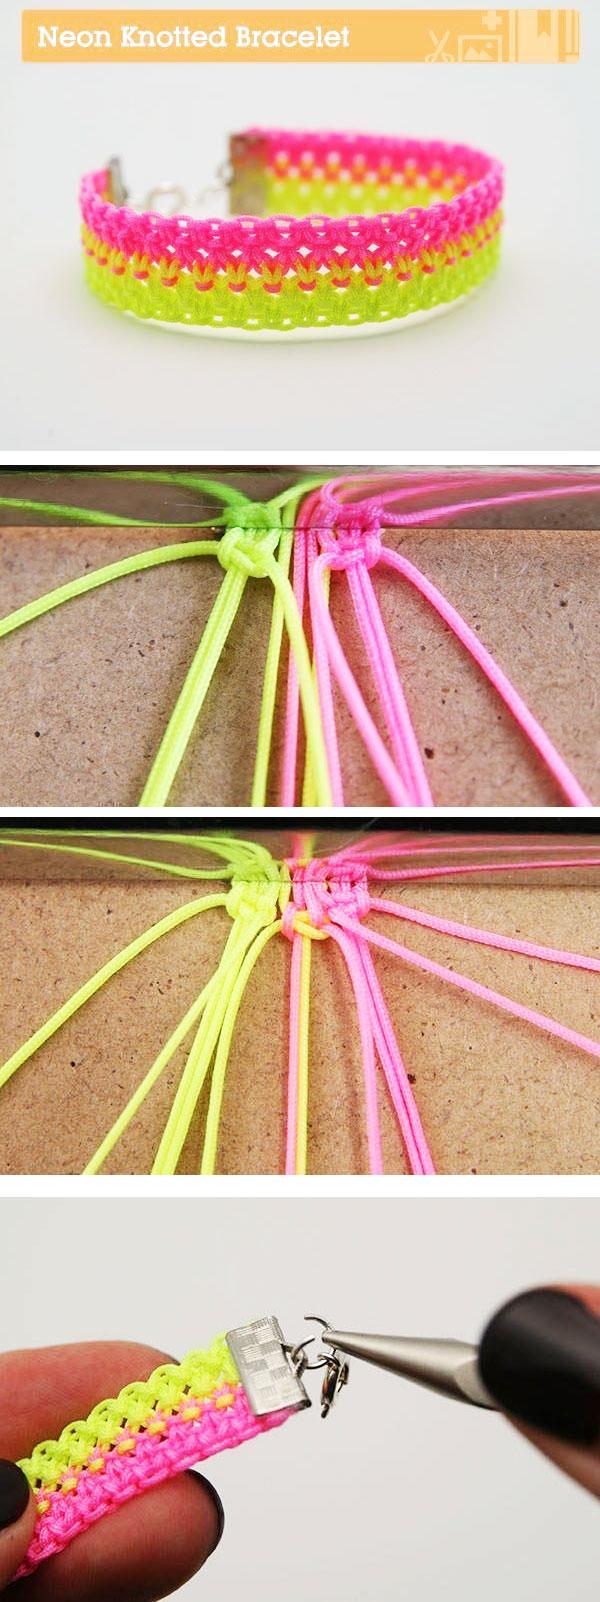 как делать браслеты из шнурков